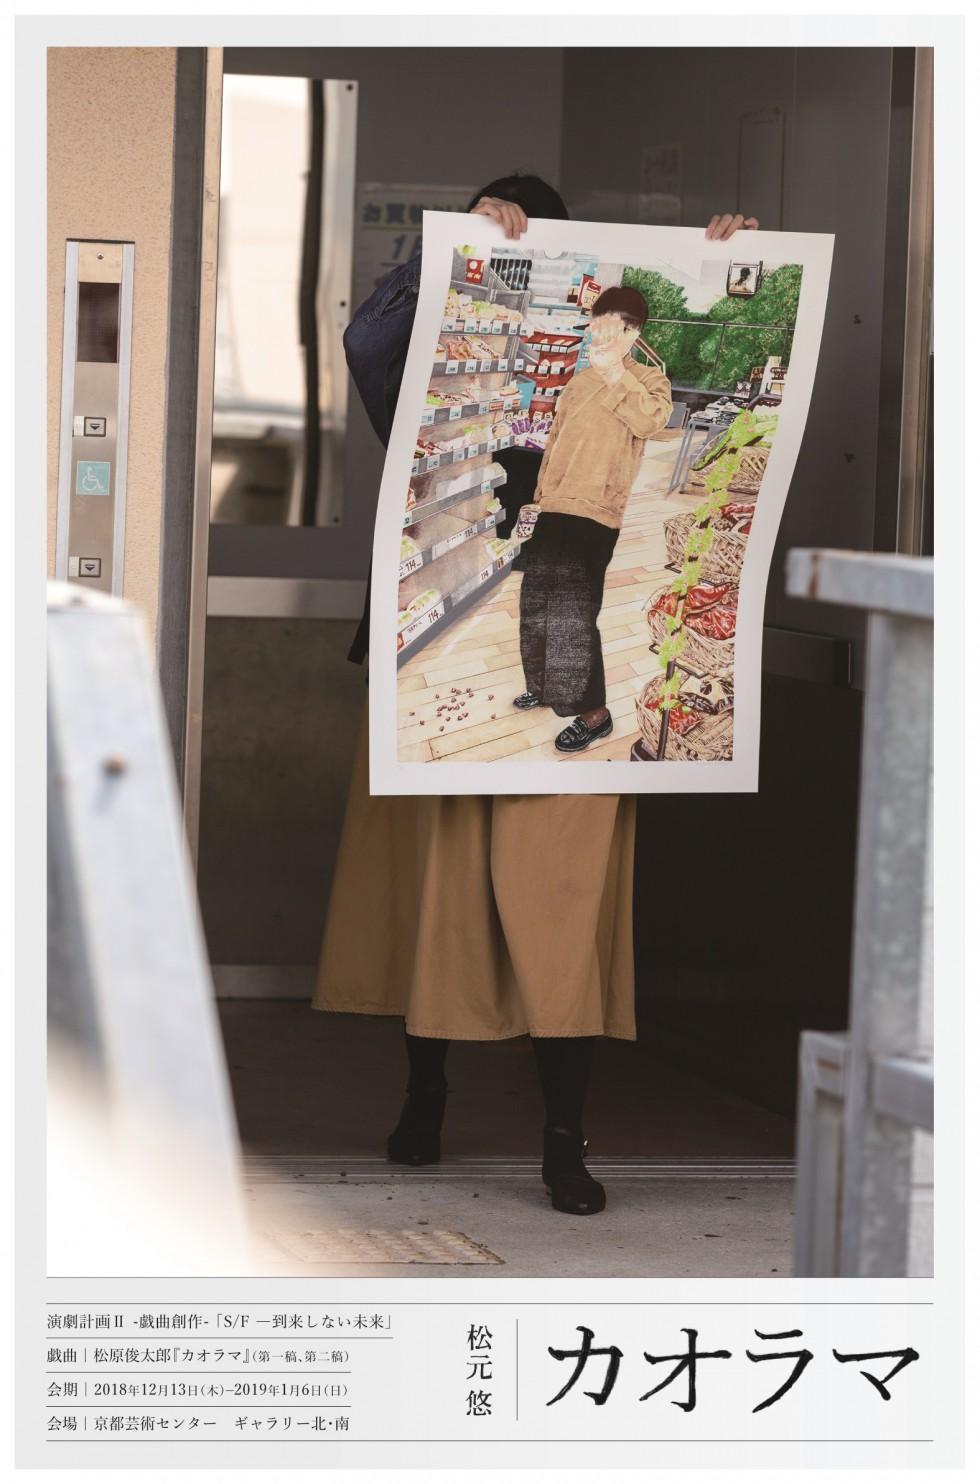 【演劇計画Ⅱ-戯曲創作-「S/F —到来しない未来」関連企画】松元悠『カオラマ』(戯曲:松原俊太郎『カオラマ』第一稿・第二稿)